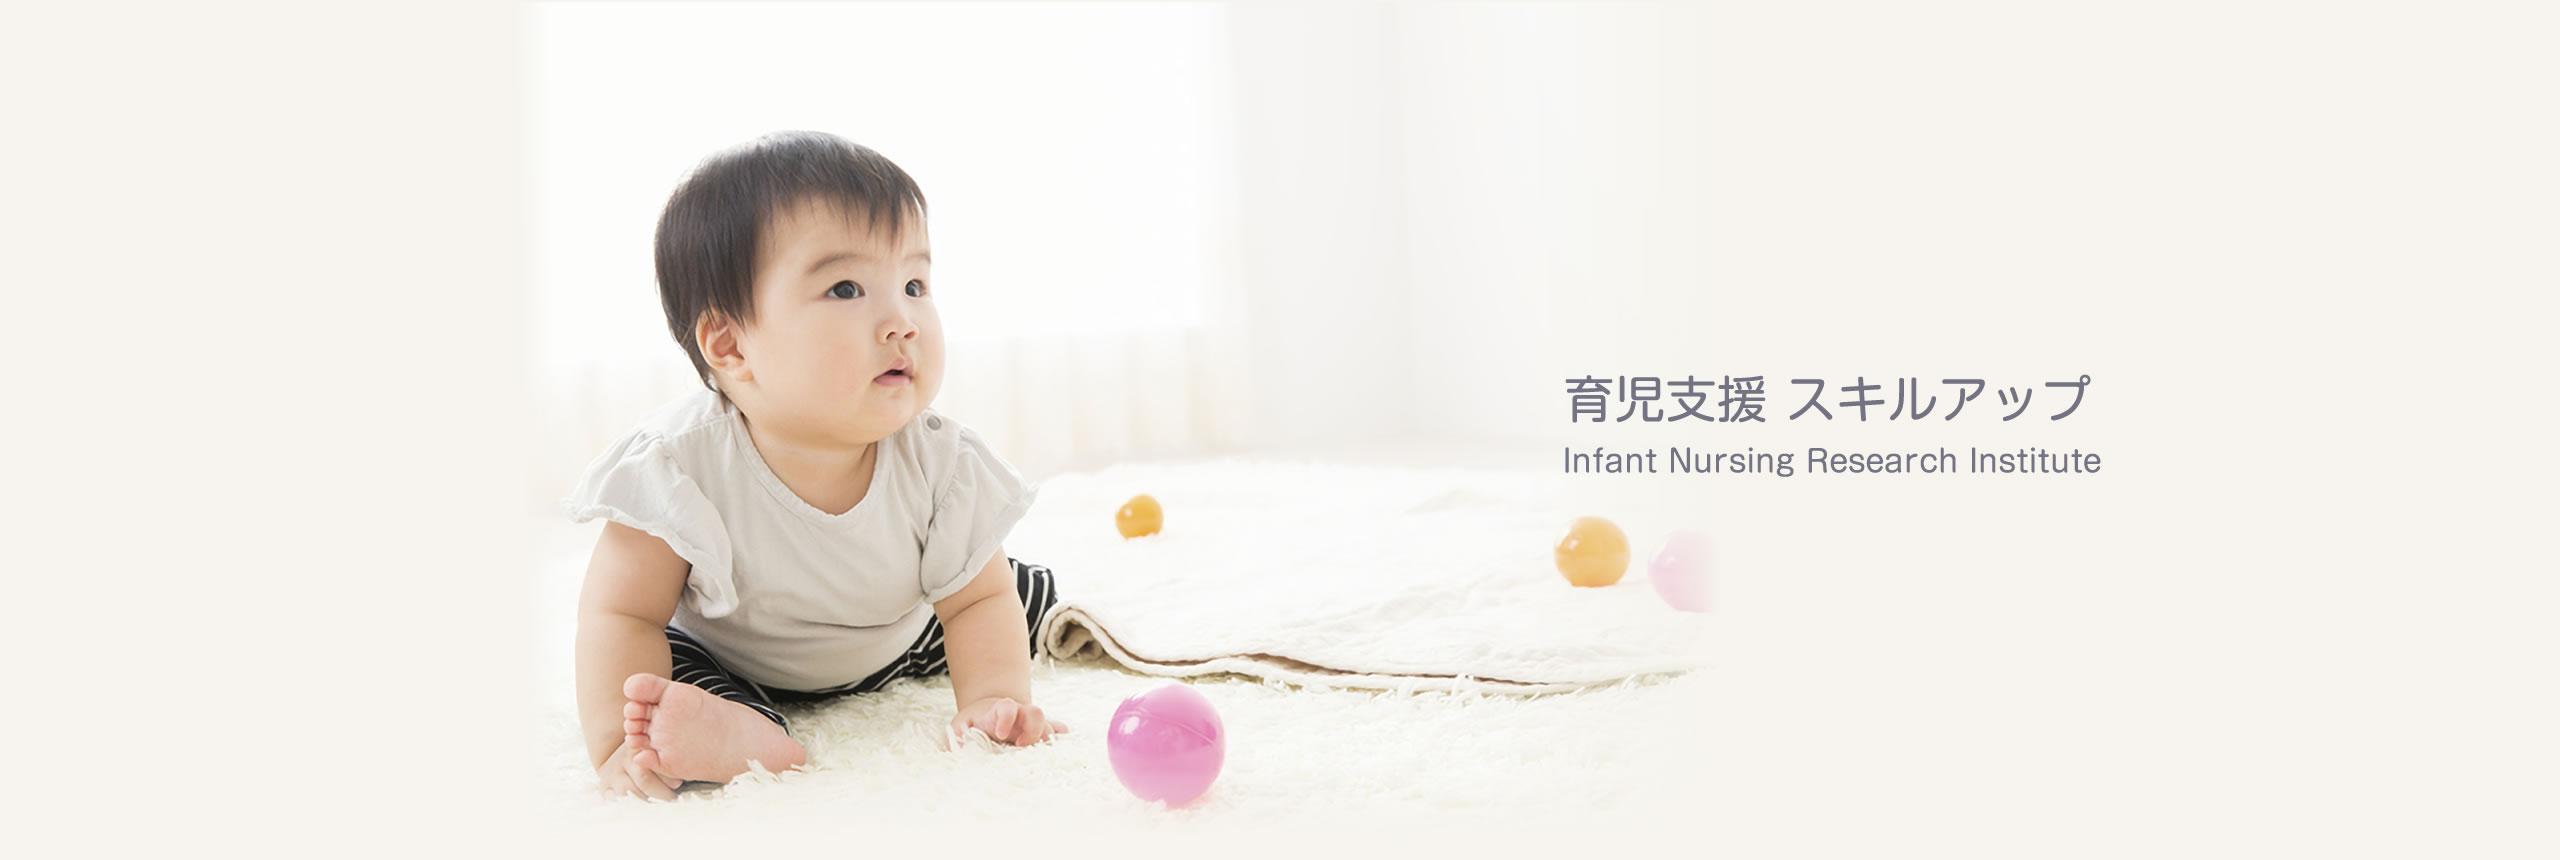 育児支援、スキルアップセミナー開催 東京 札幌